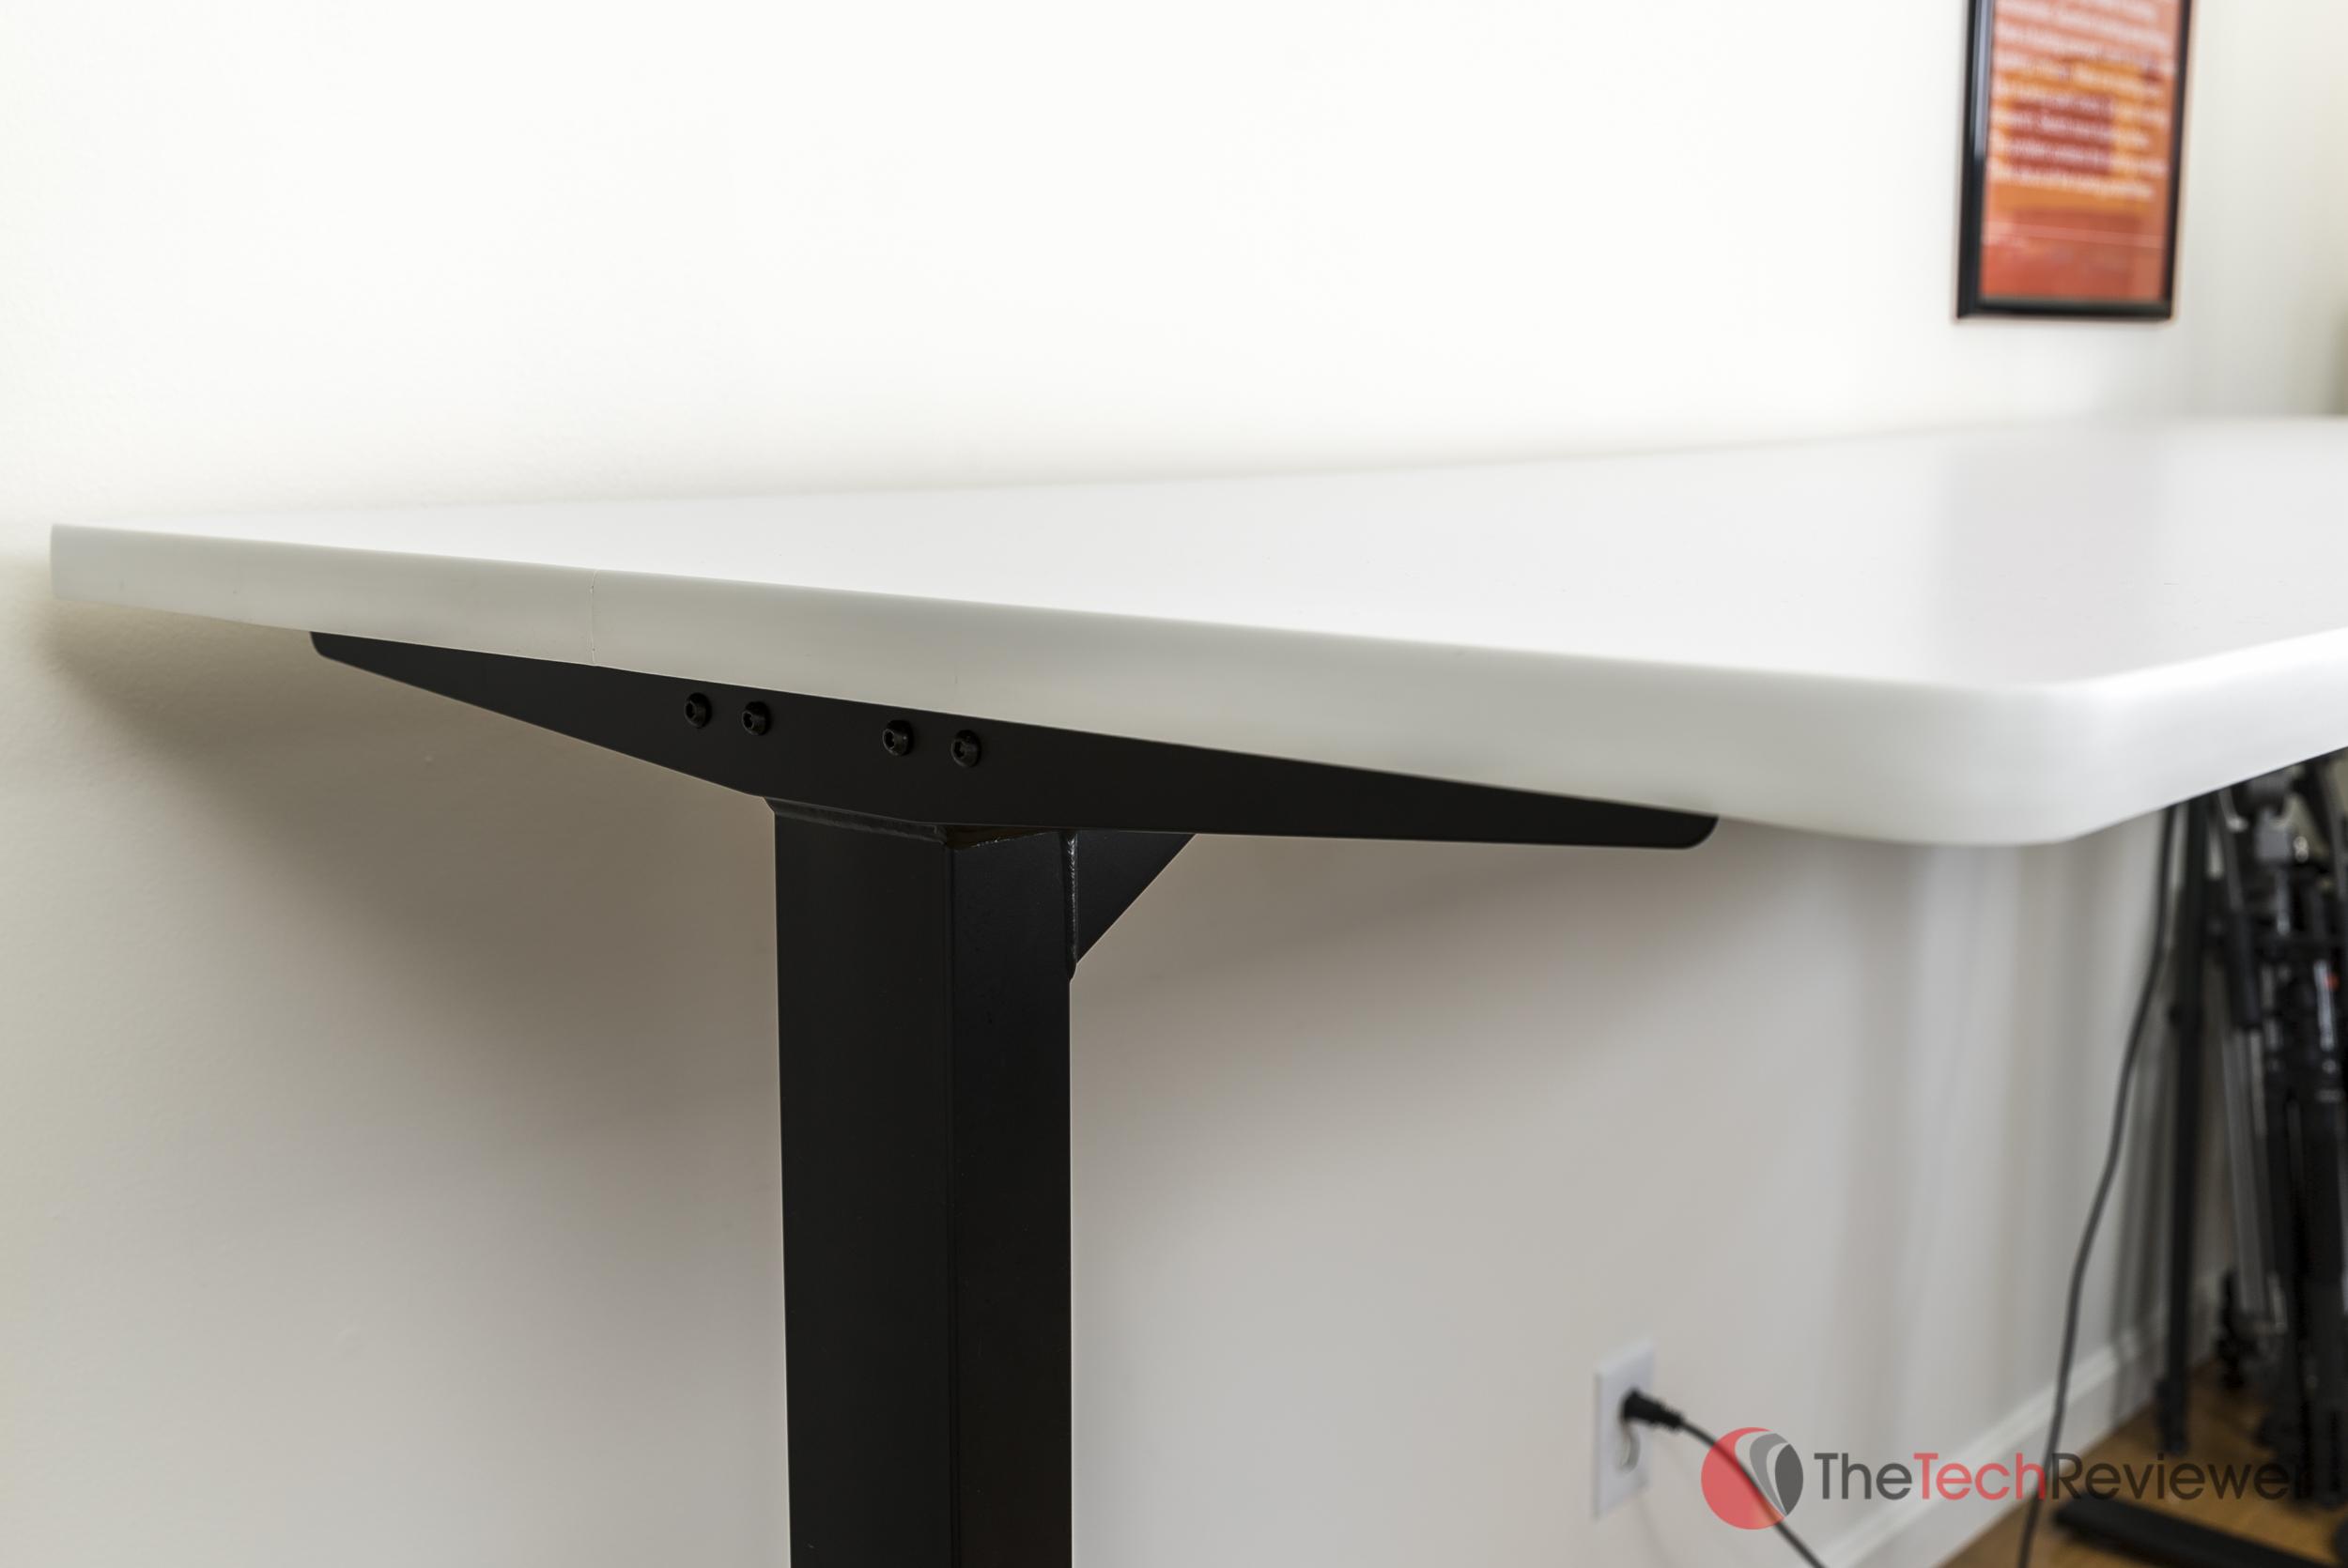 Uplift900-Desk (1 of 12)